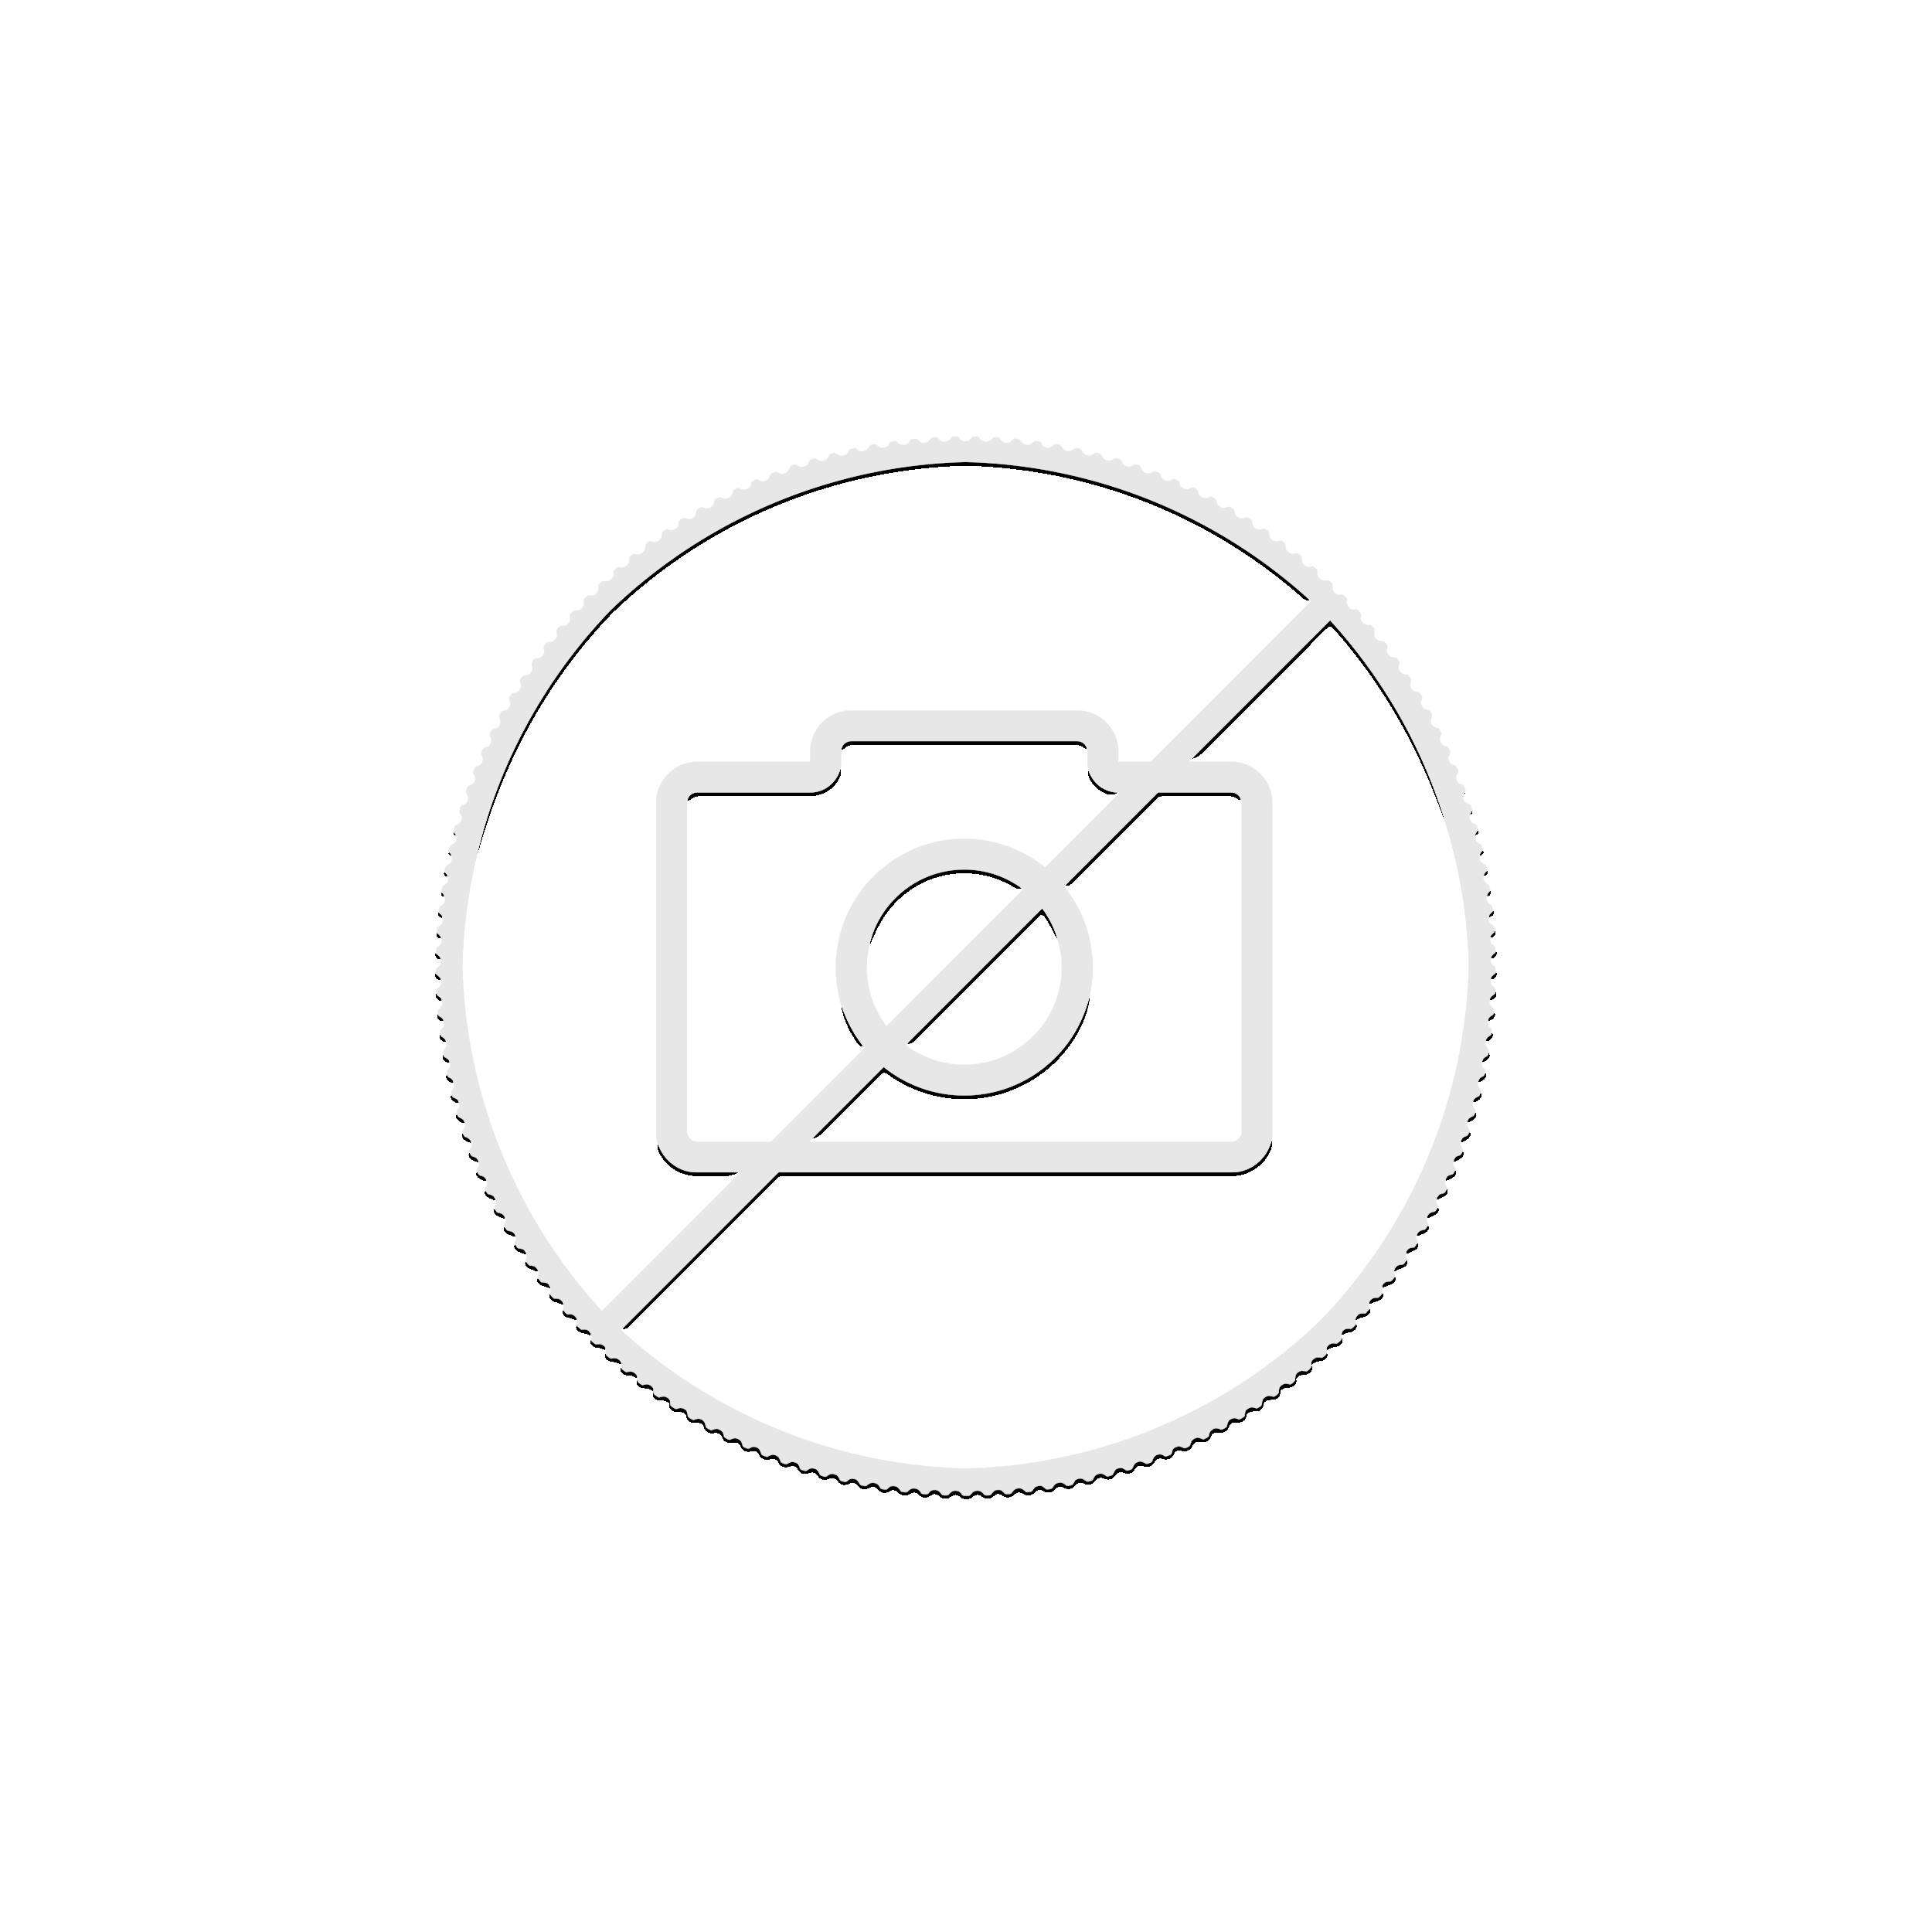 1 Troy ounce zilveren Lunar munt 2017 - jaar van de haan